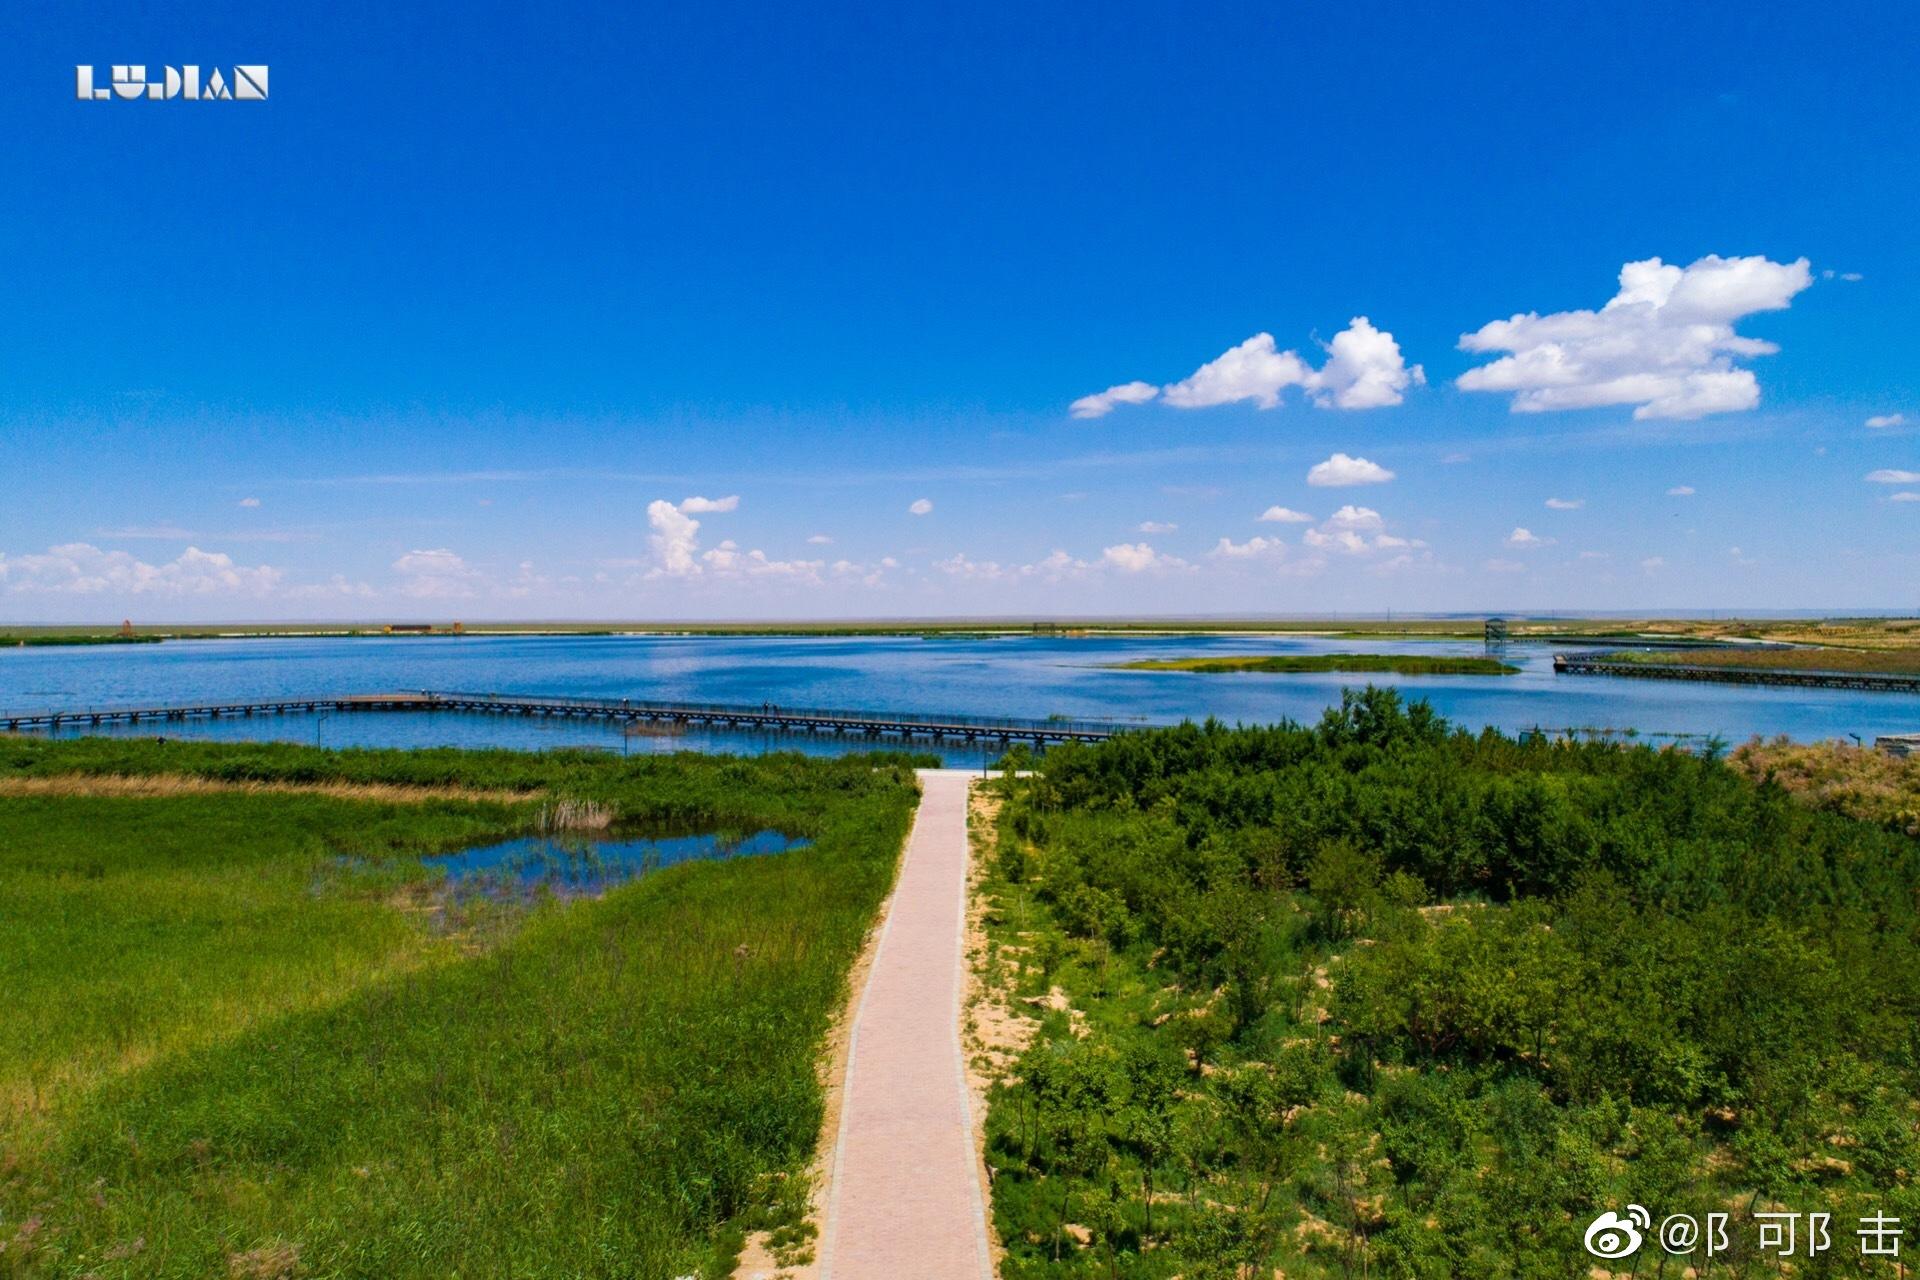 这是此次内蒙之旅路过的唯一的水二连浩特的天鹅湖相信未来会更让